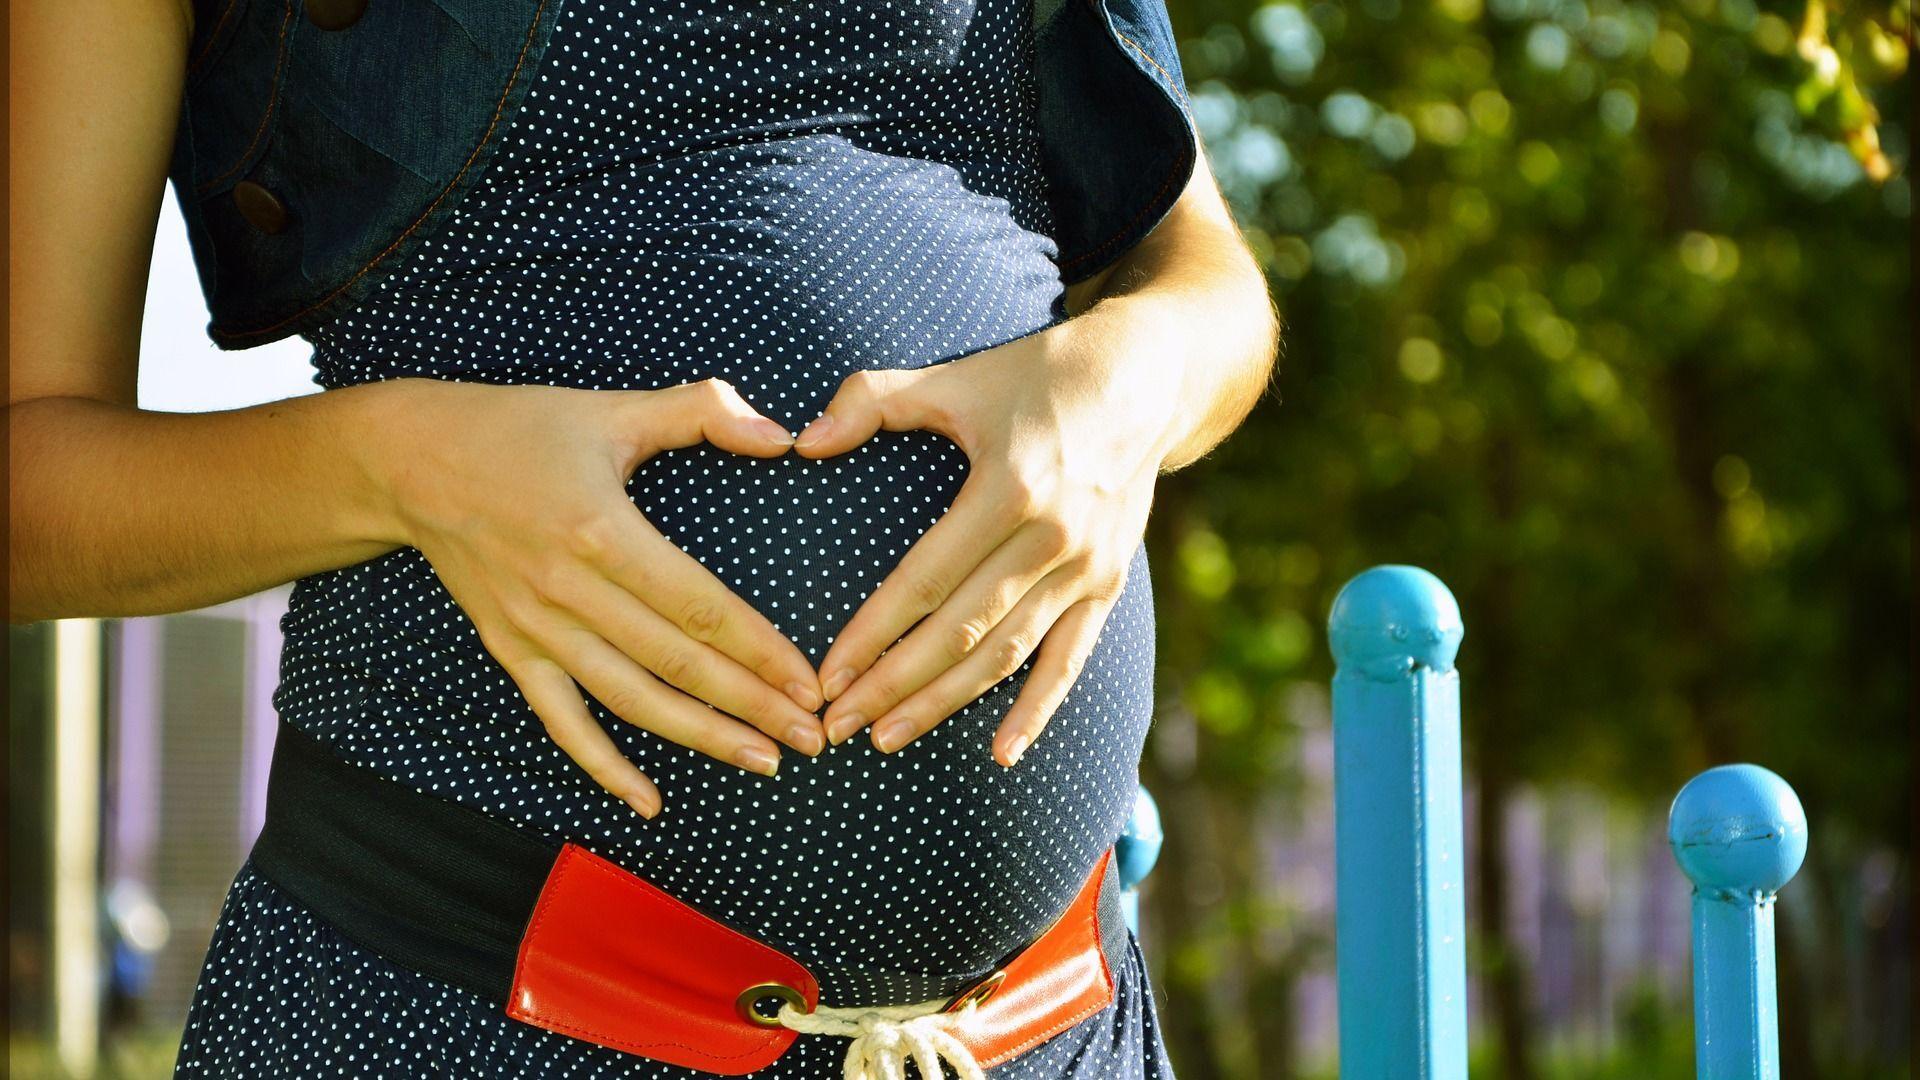 Una donna incinta - Sputnik Italia, 1920, 18.09.2021